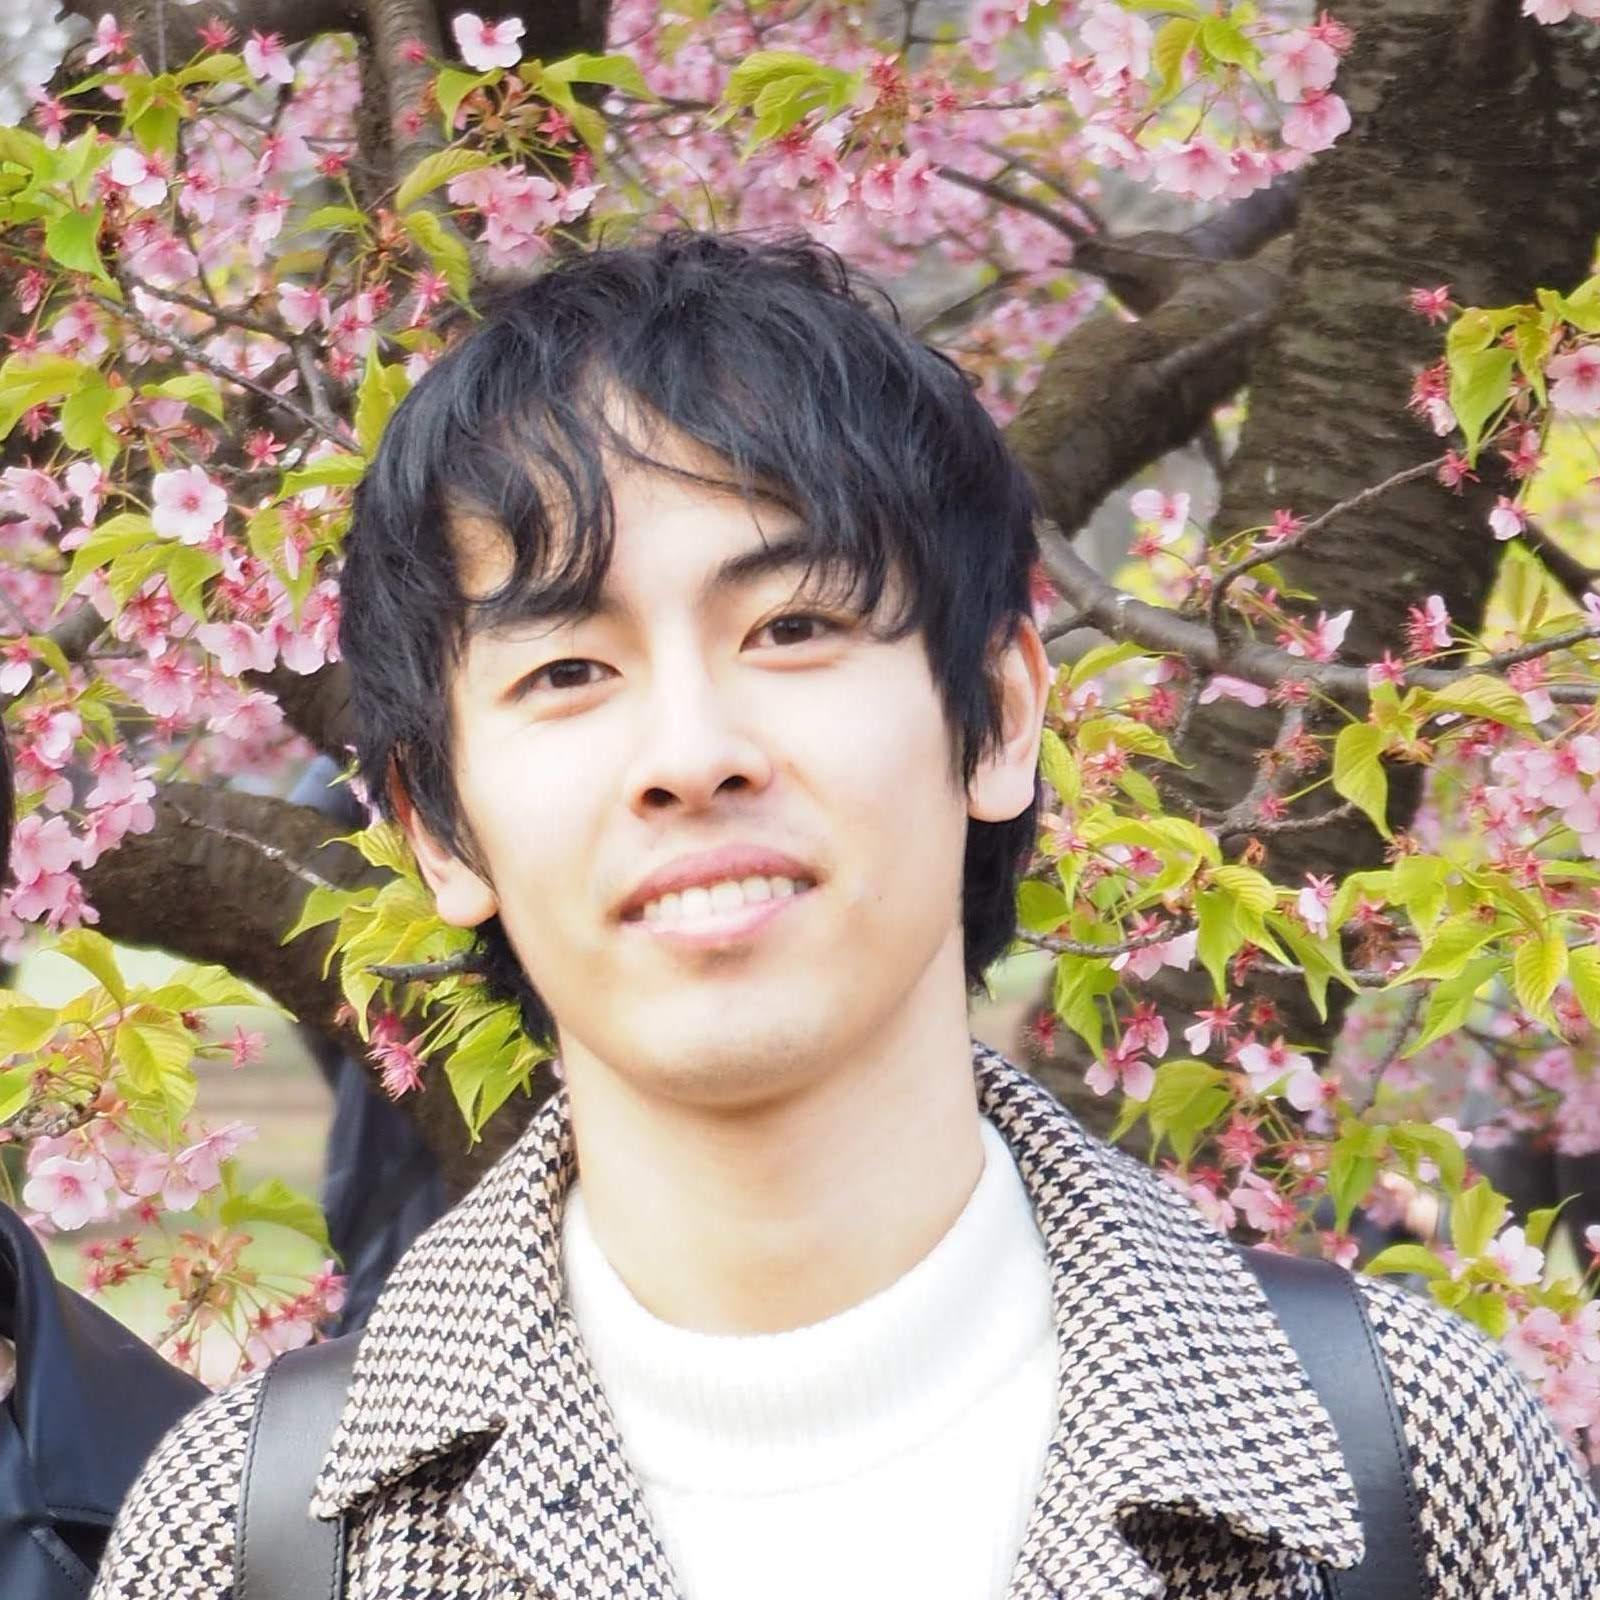 吉田 慎太郎 avatar